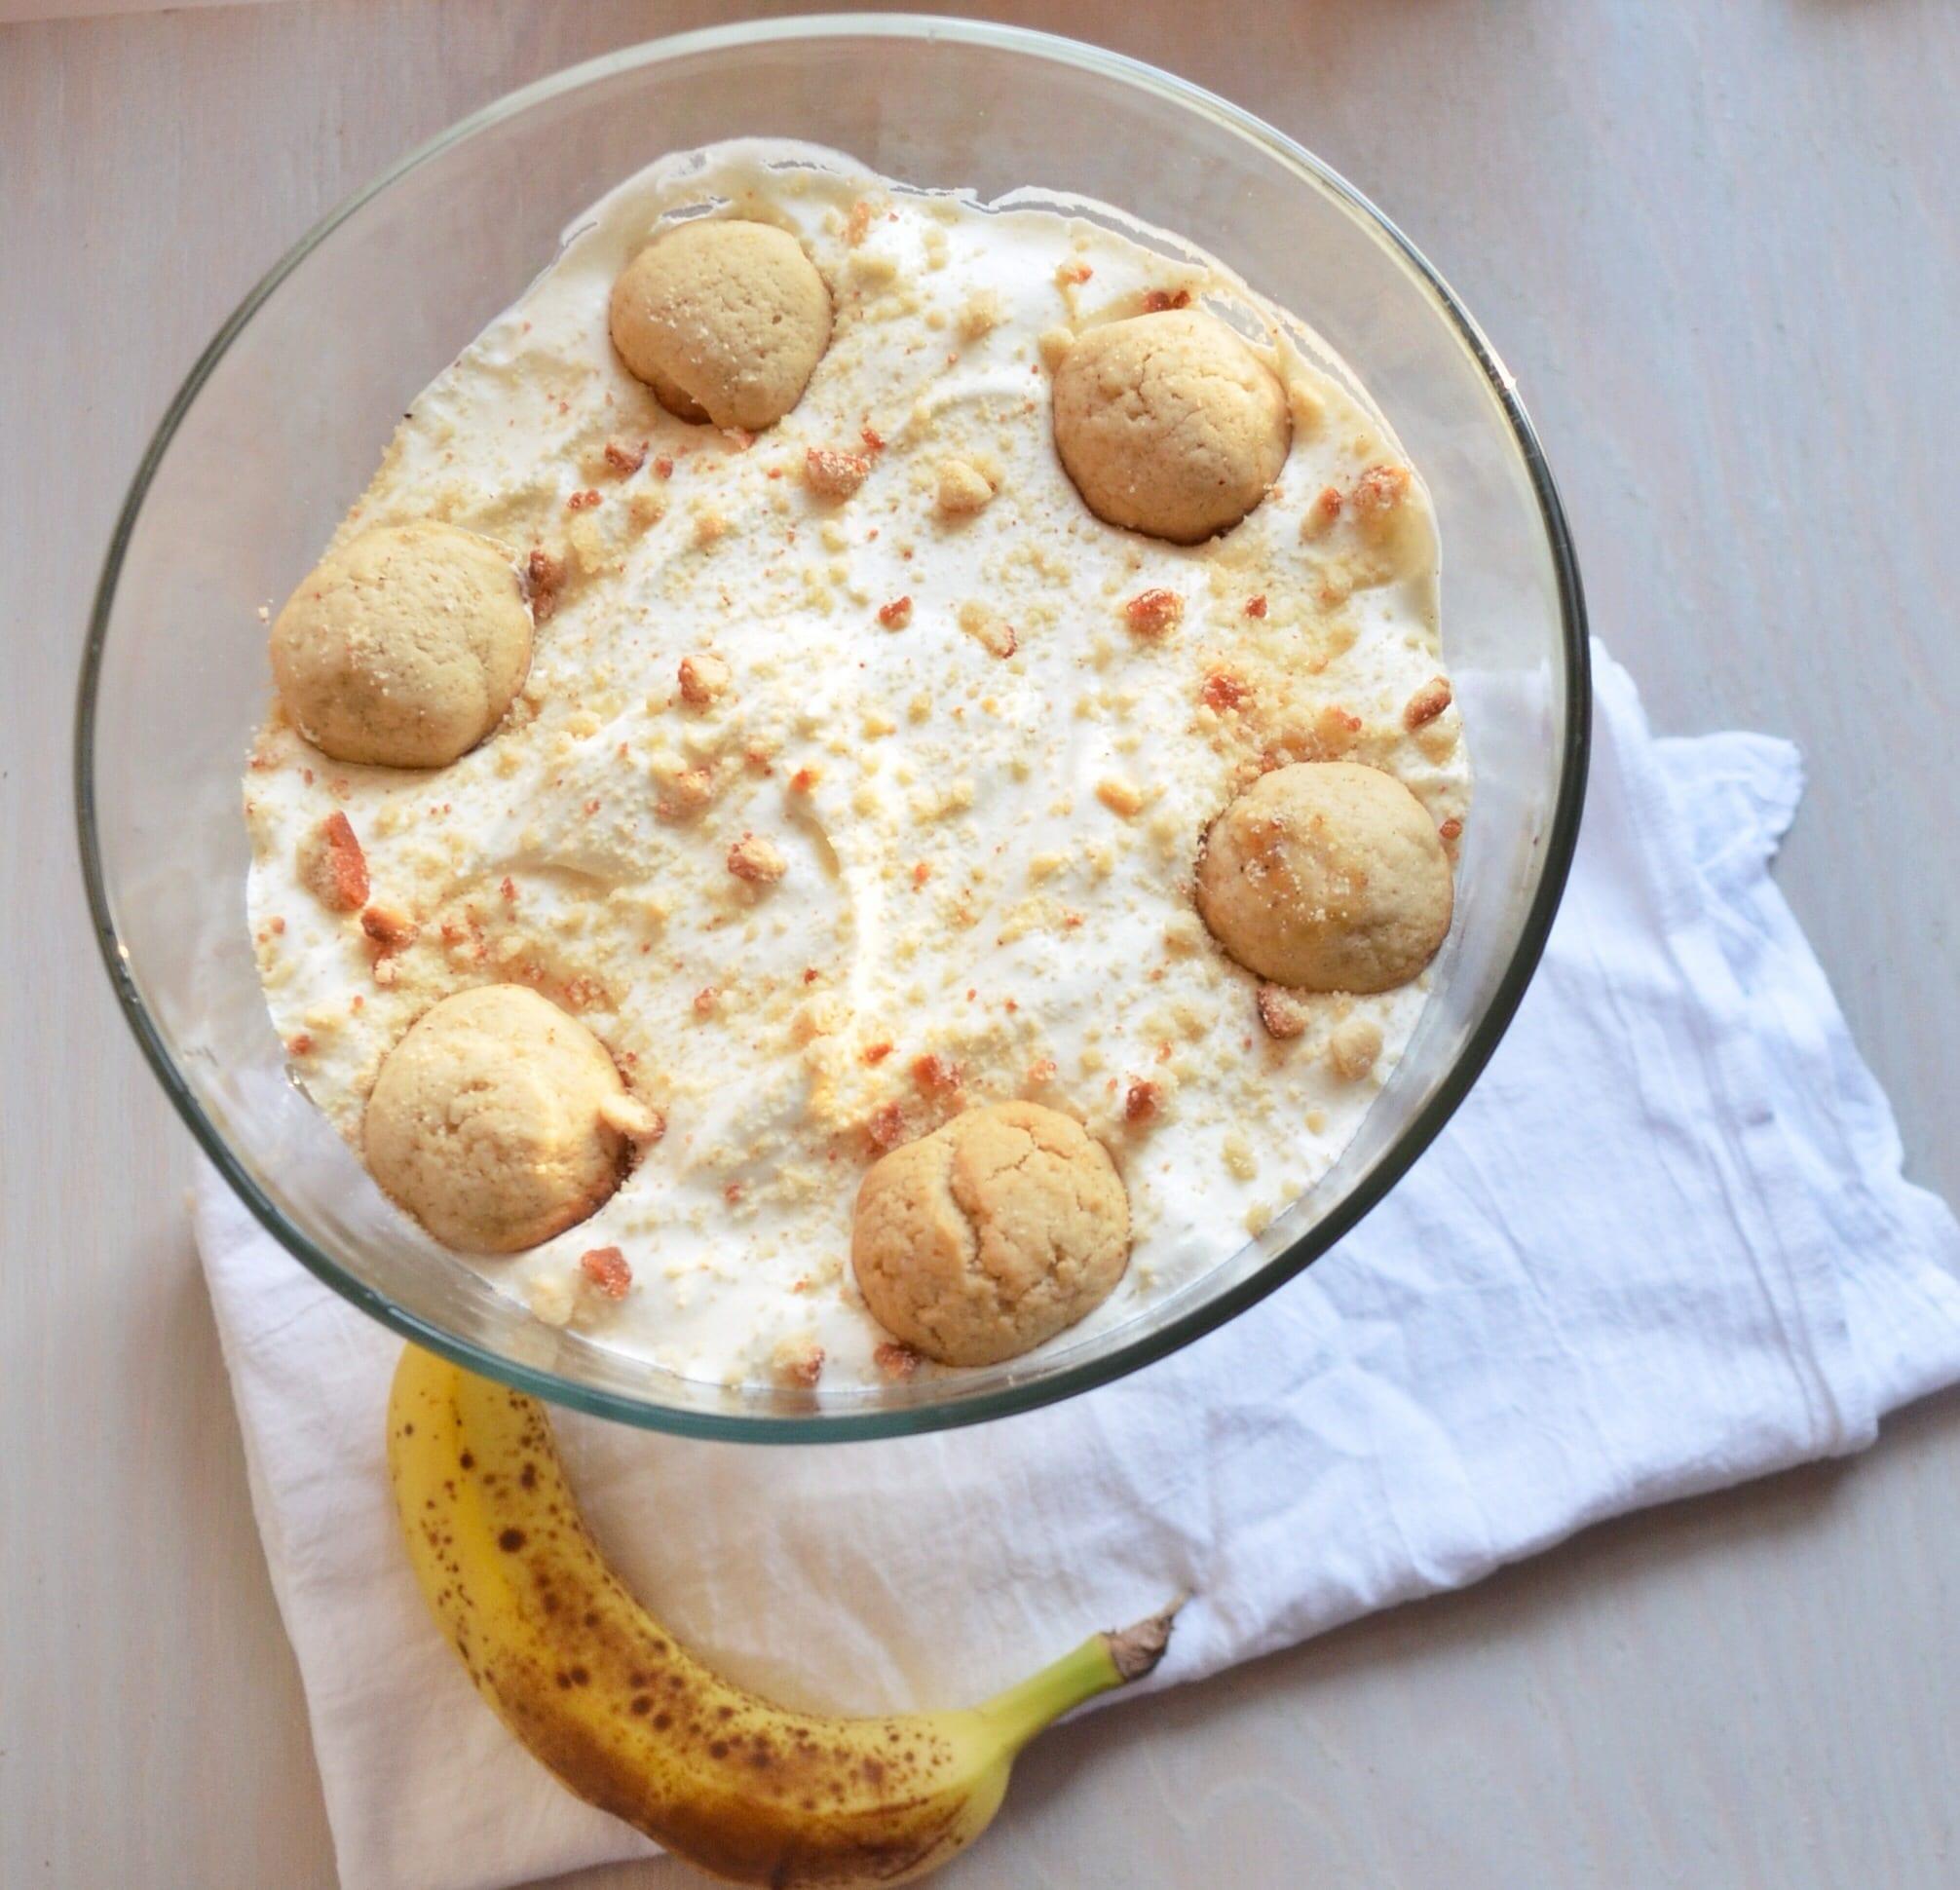 Banana Pudding with Vanilla Bean Wafers